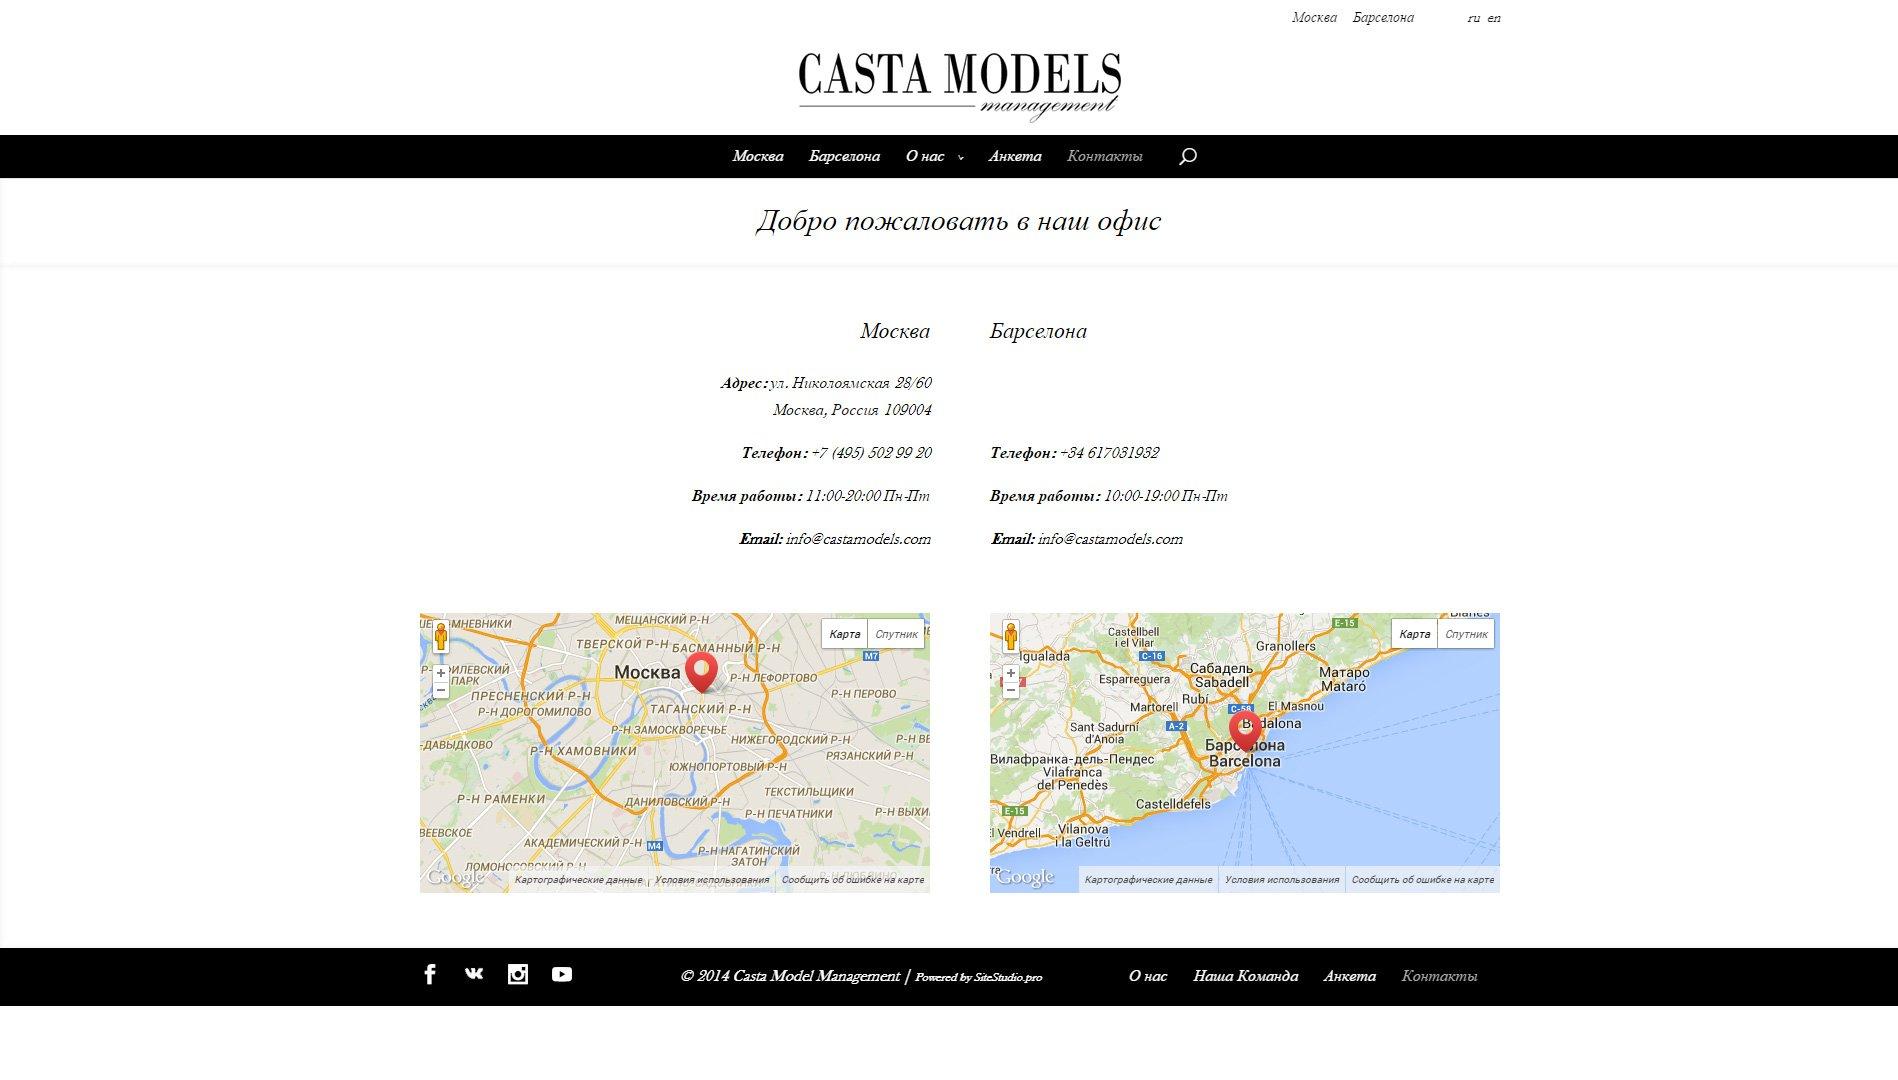 Создание сайта castamodels.com (14)